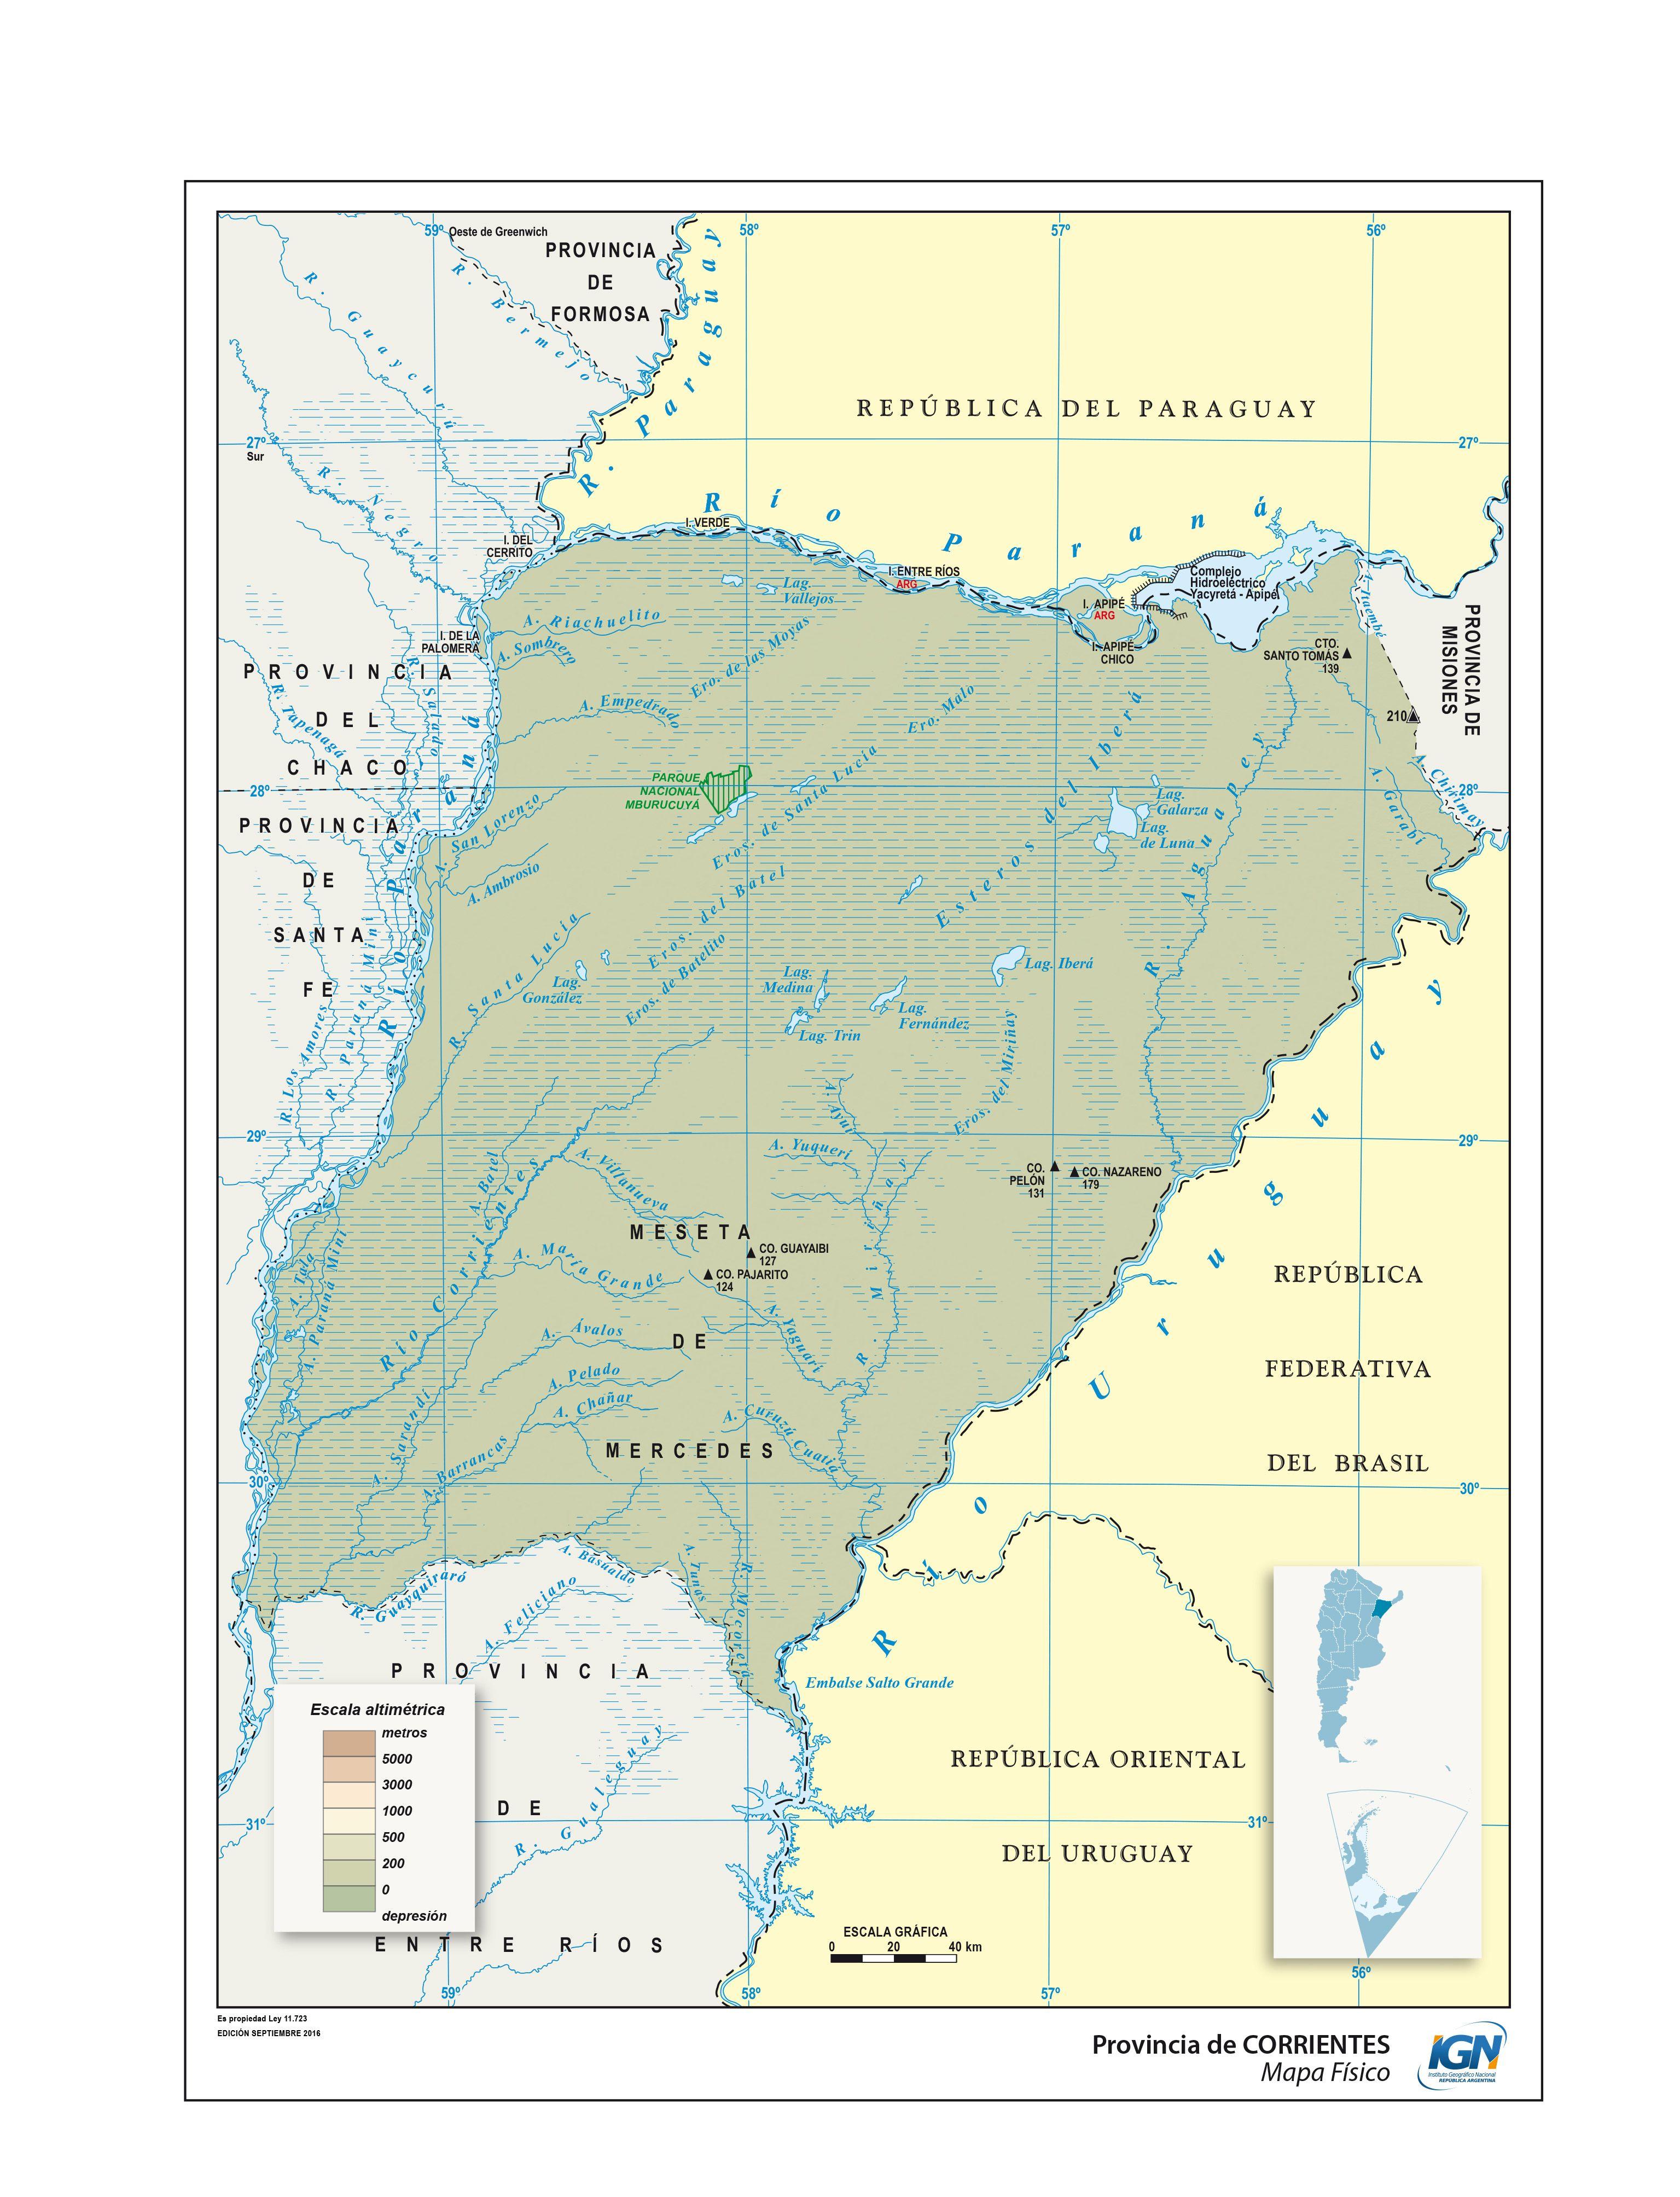 Mapa Fisico De Corrientes Instituto Geografico Nacional De La